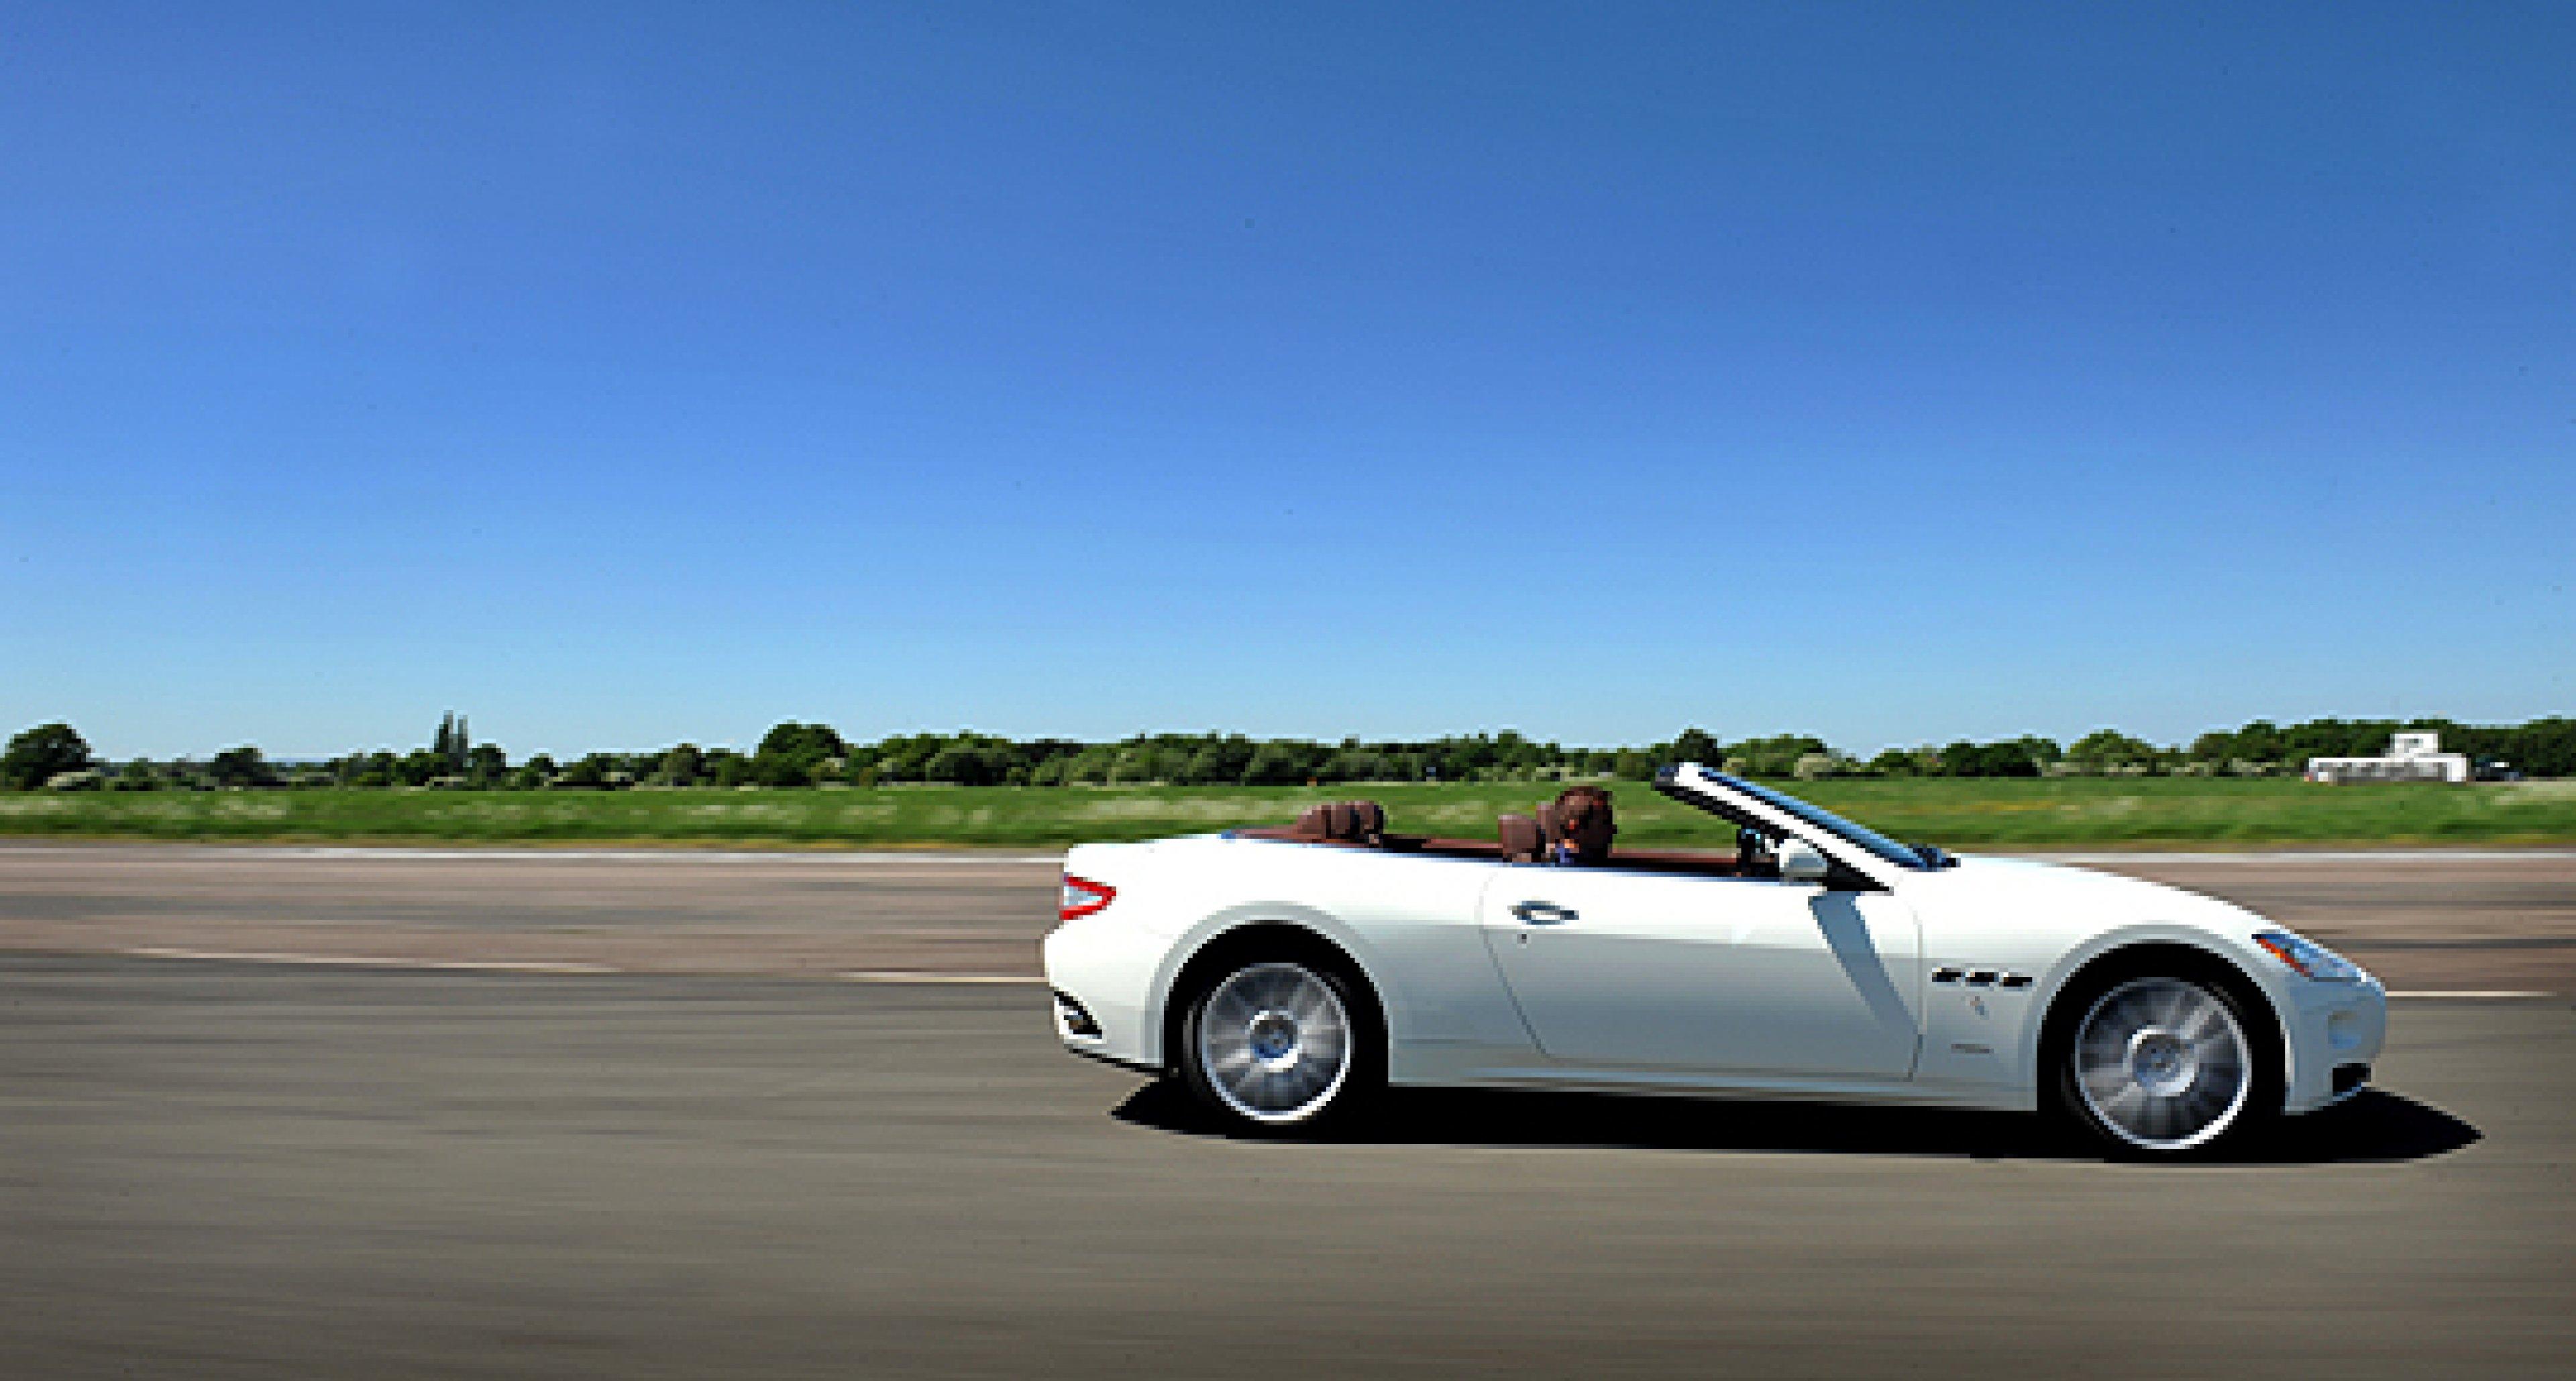 Maserati GranCabrio – a Breath of Fresh Air